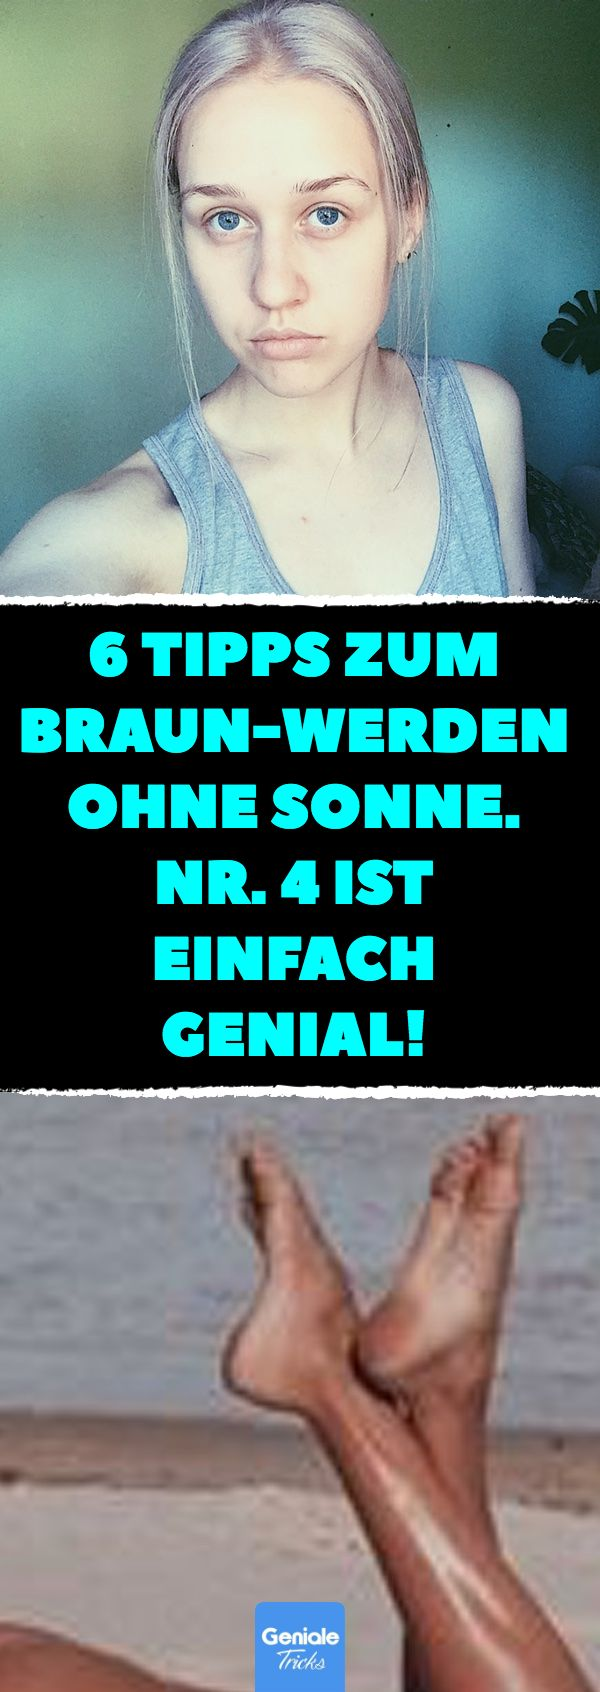 6 Tipps, zum Braun-Werden ohne Sonne. Nr. 4 ist einfach genial! #Sonnen #Braun mit …